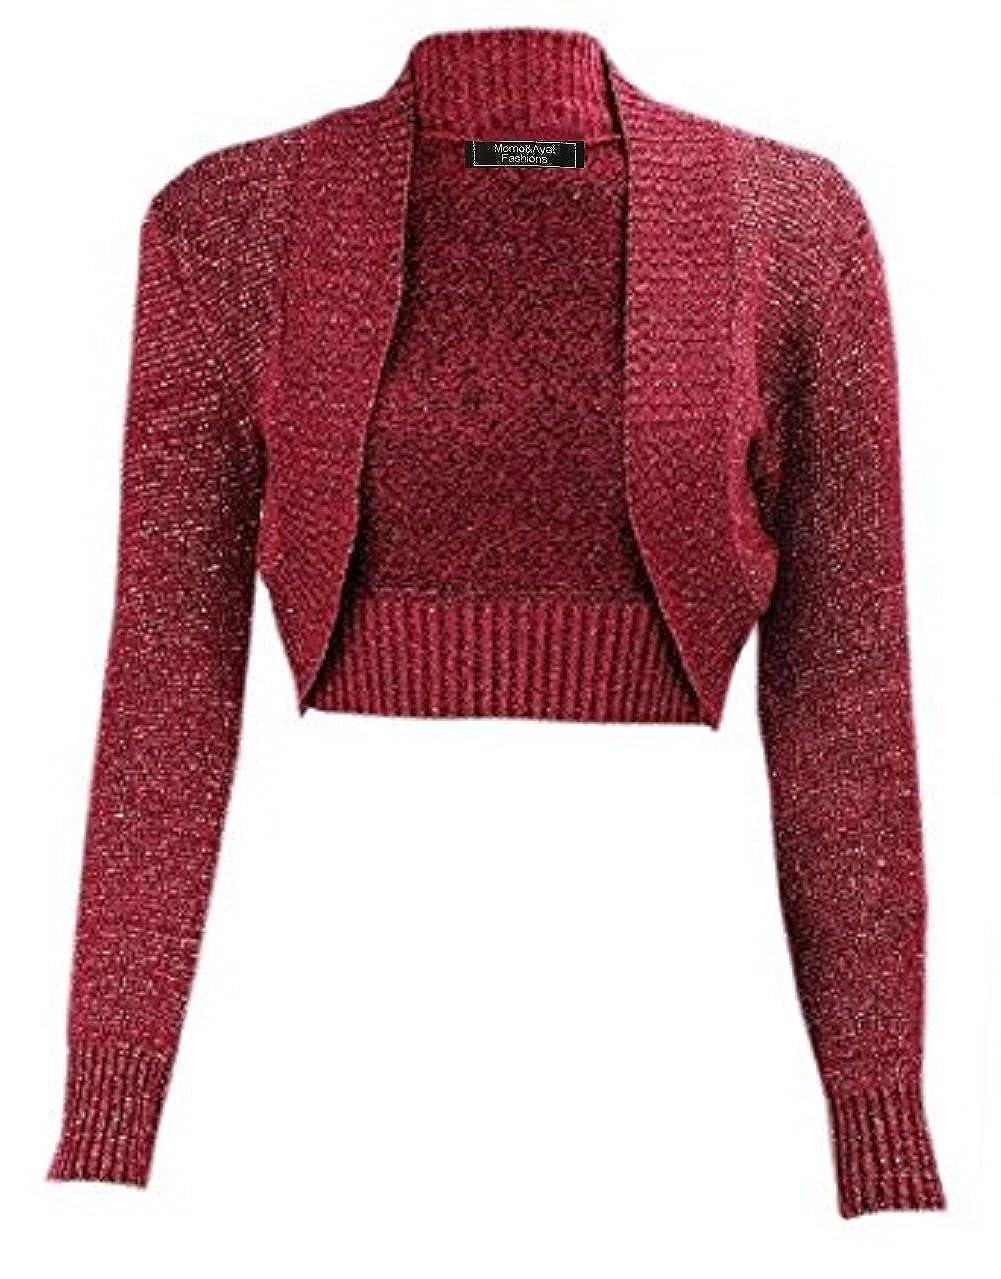 Momo& Ayat Fashions Ladies Girls Lurex Metallic Ribbed Collar Cropped Shrug UK Size 8-26